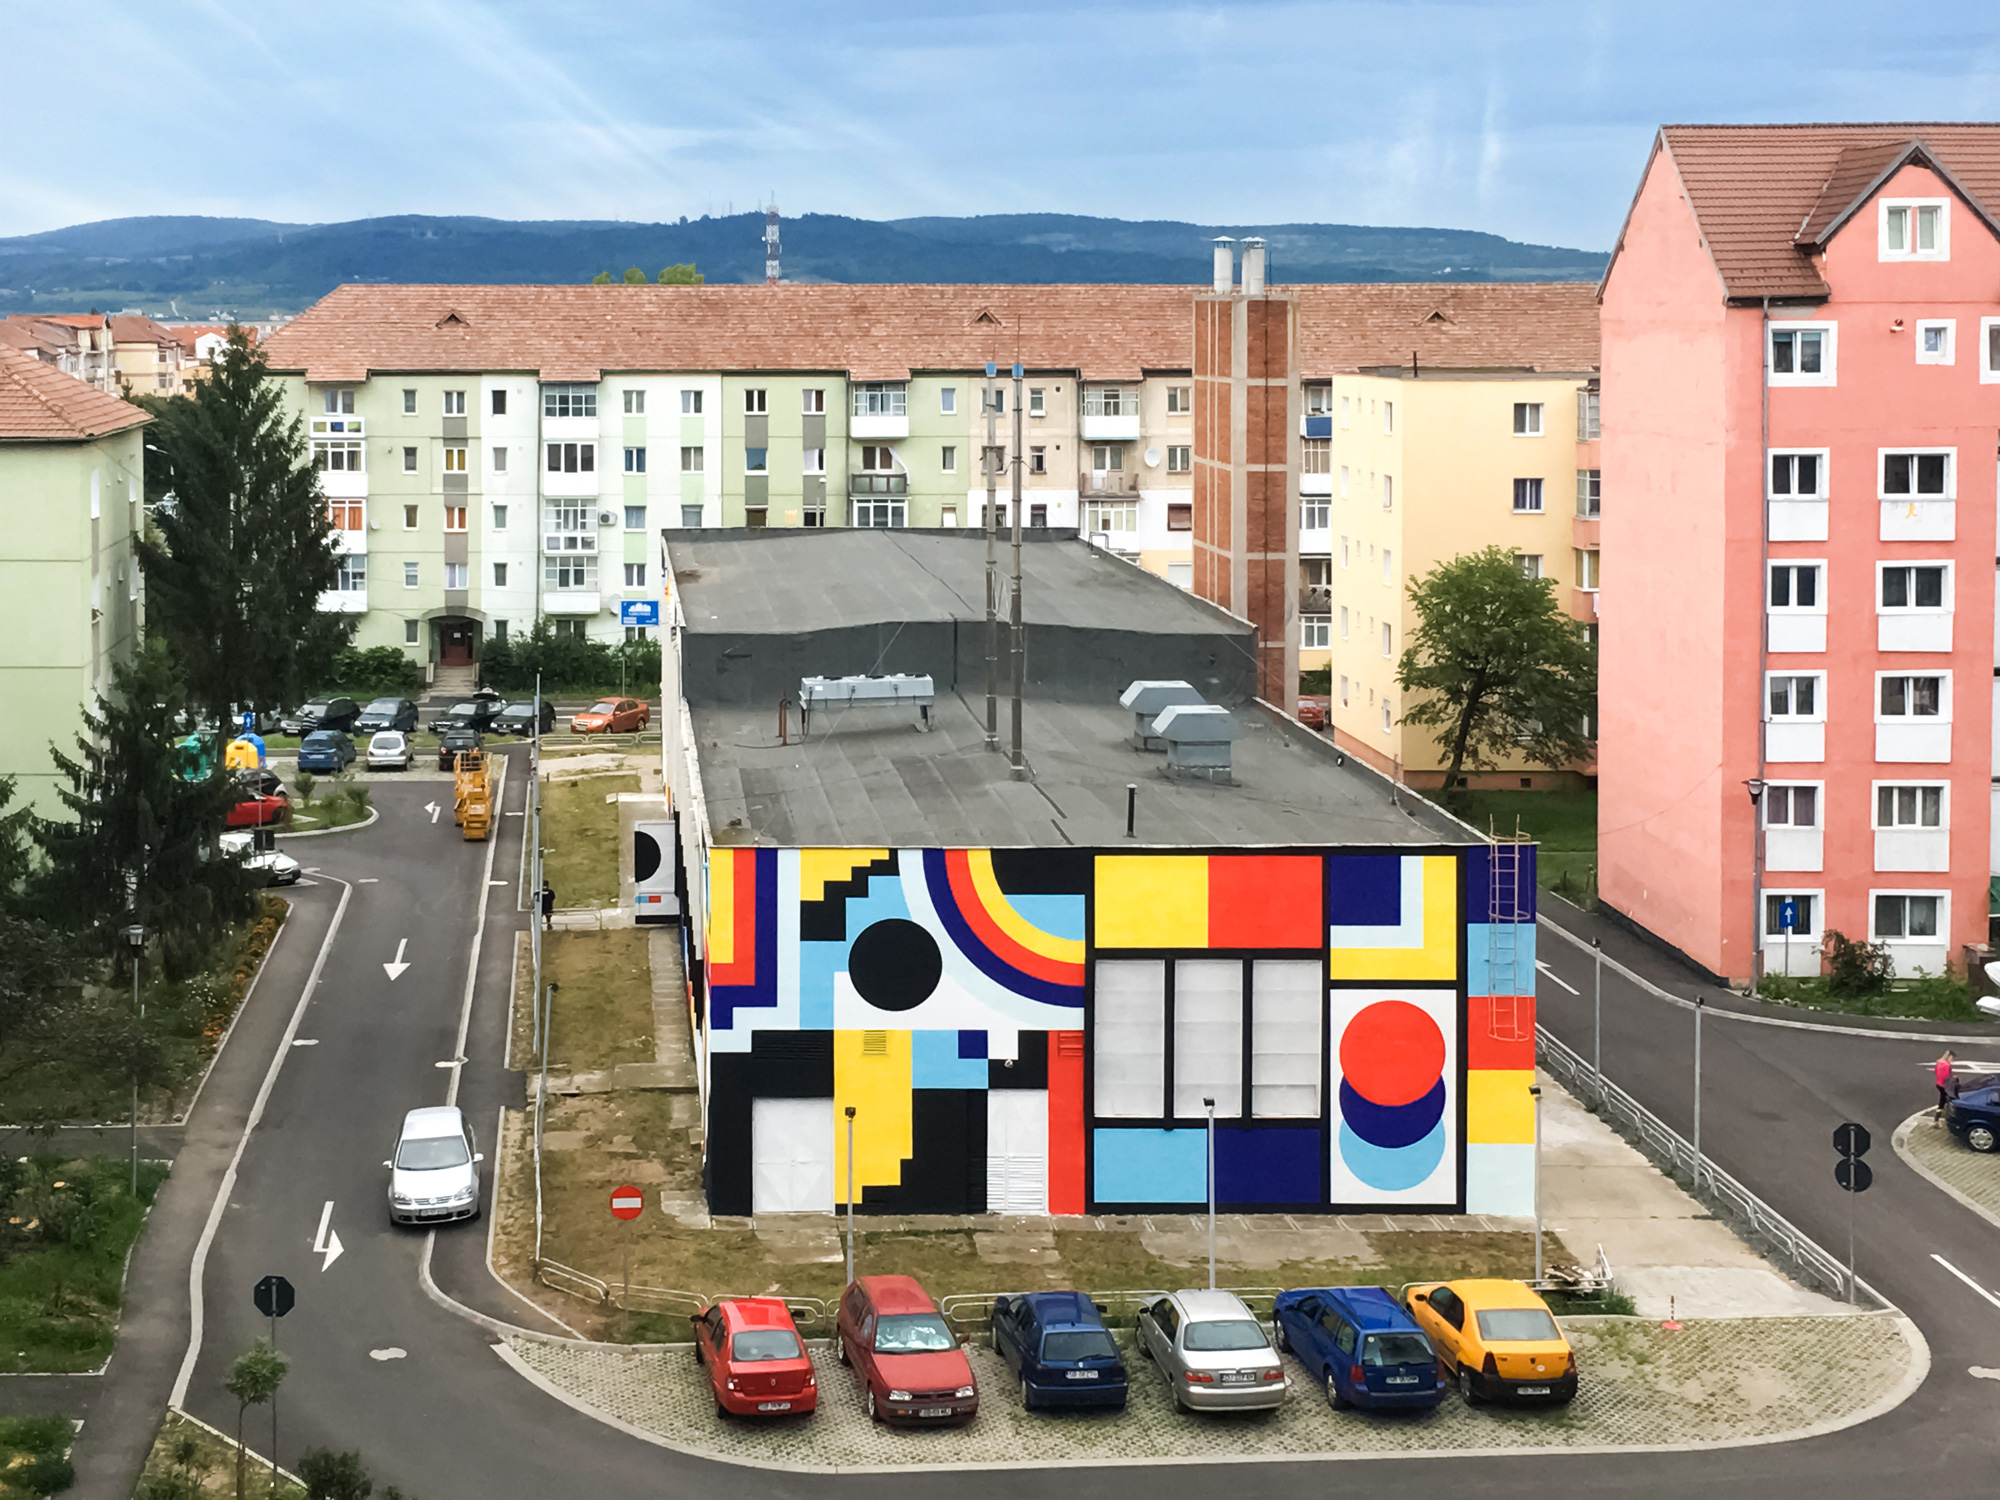 Sebastian Pren street art mural Sibiu Romania